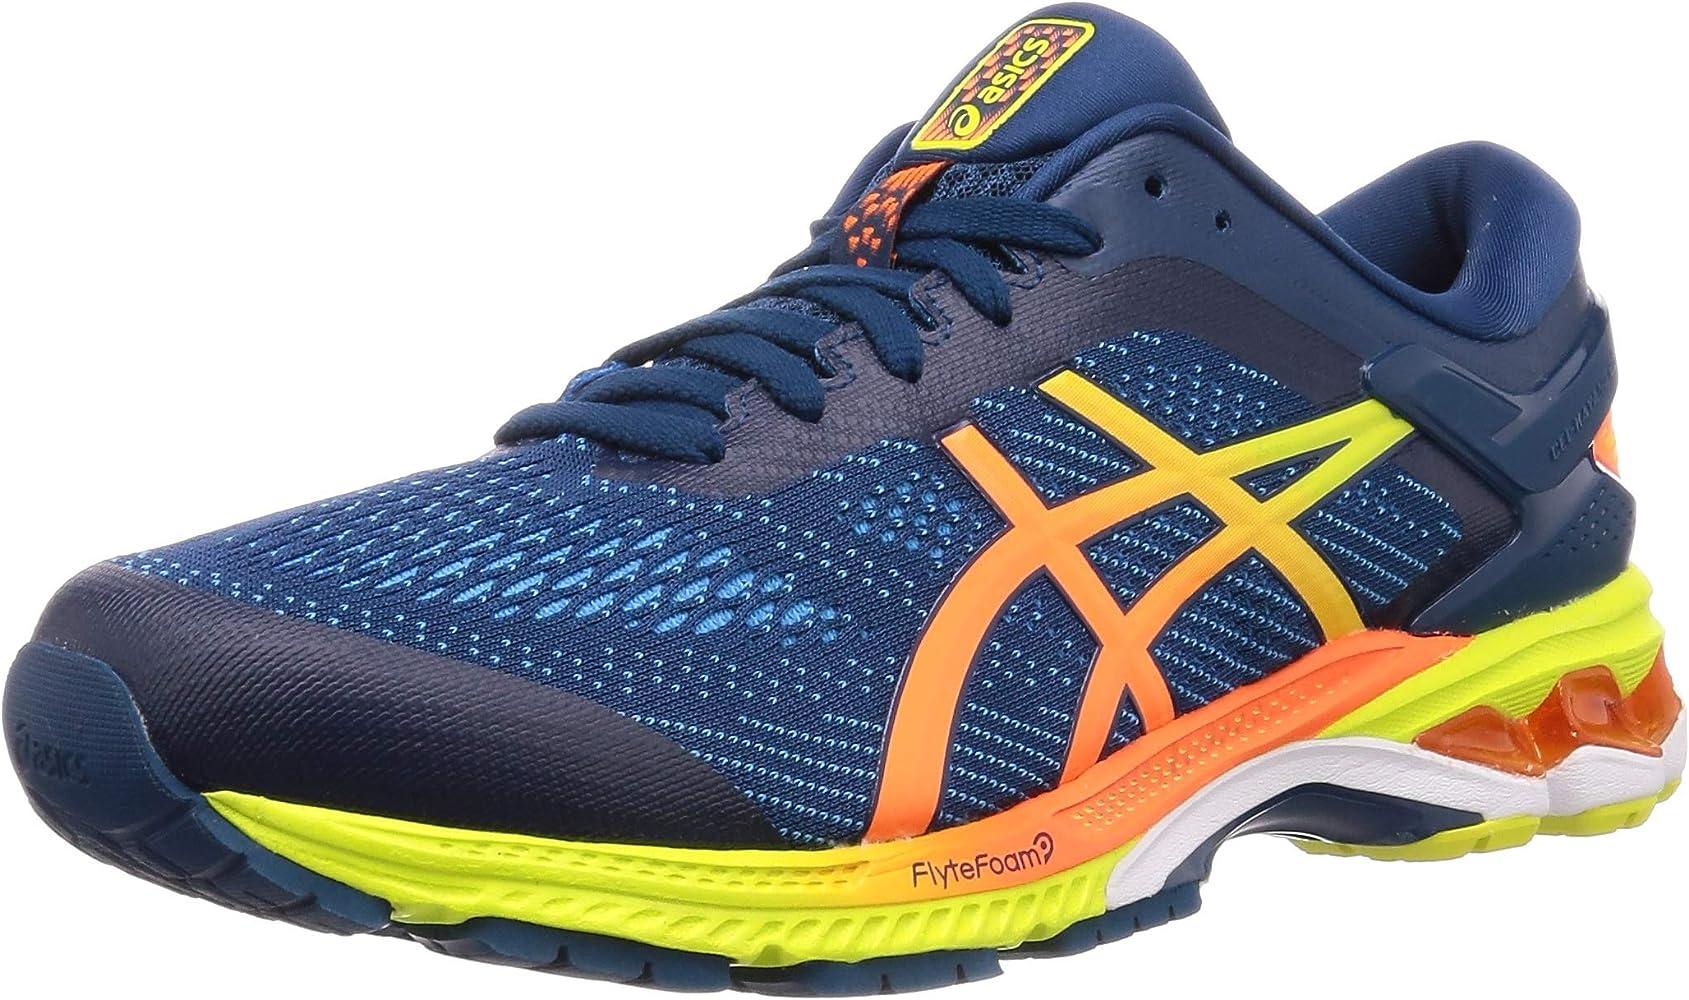 Hombres Zapatos Entrenamiento Corriendo Gel-Kayano 26 Caminar Moda Nuevo,  Azul, 12